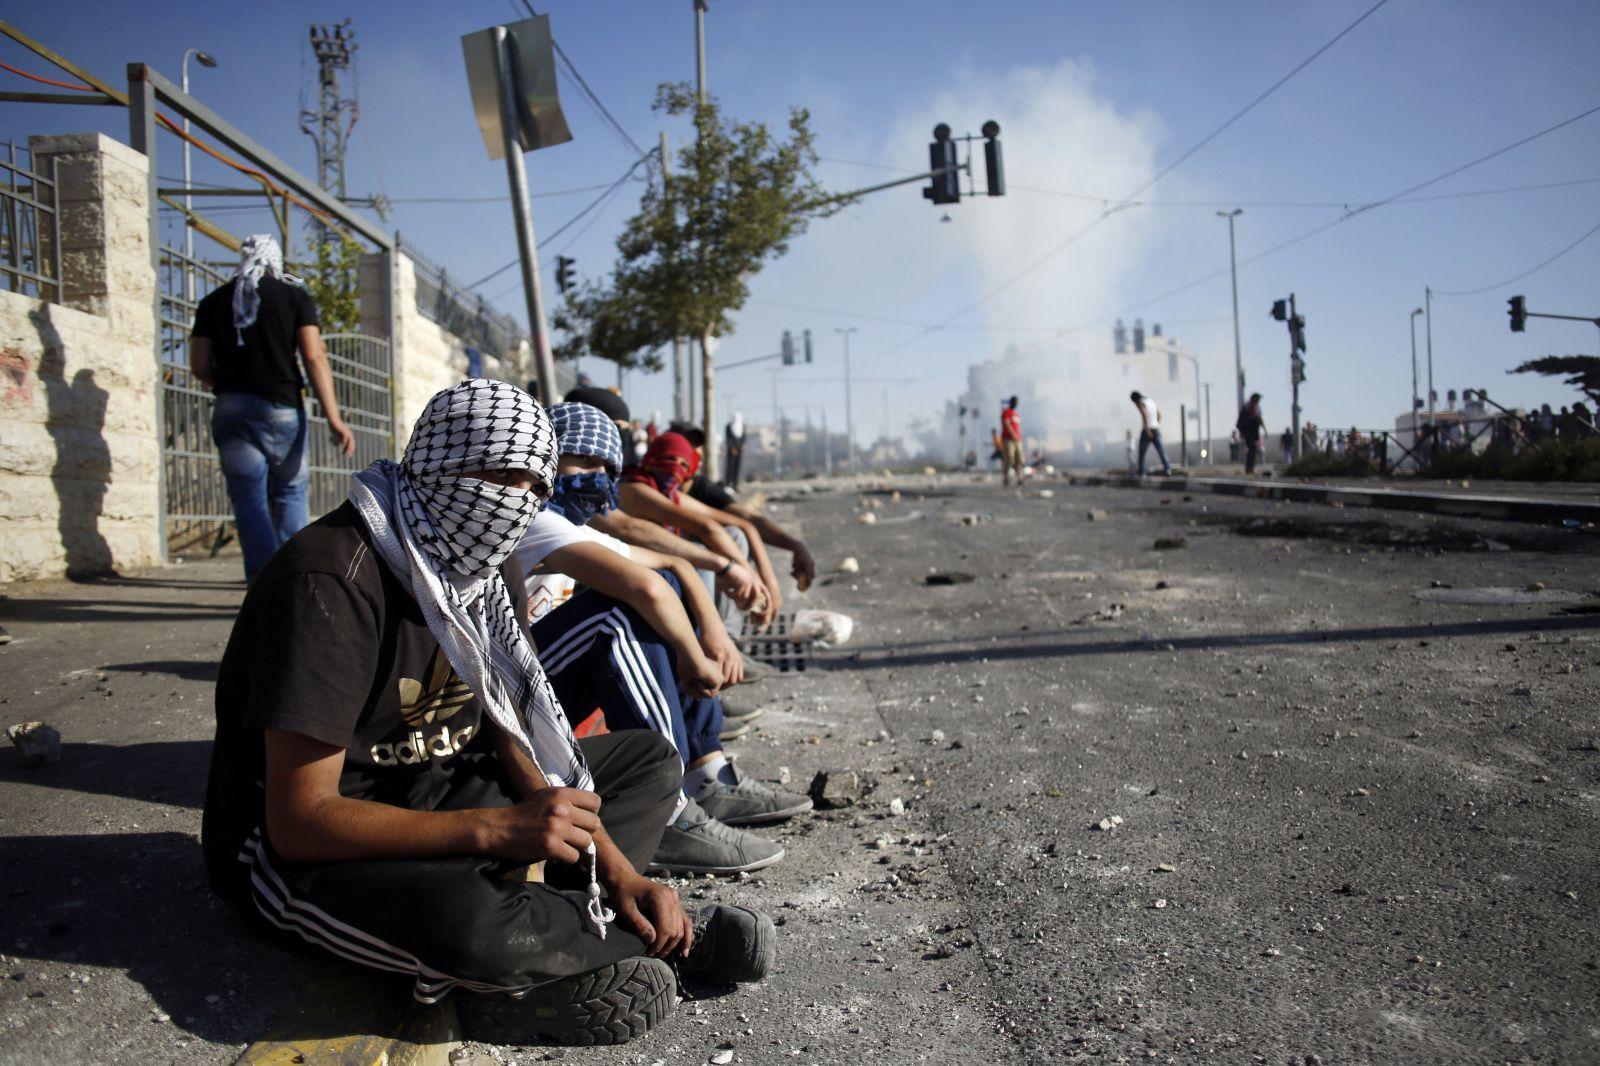 تحذير إسرائيلي من اشتعال الأوضاع مجددًا في الضفة الغربية